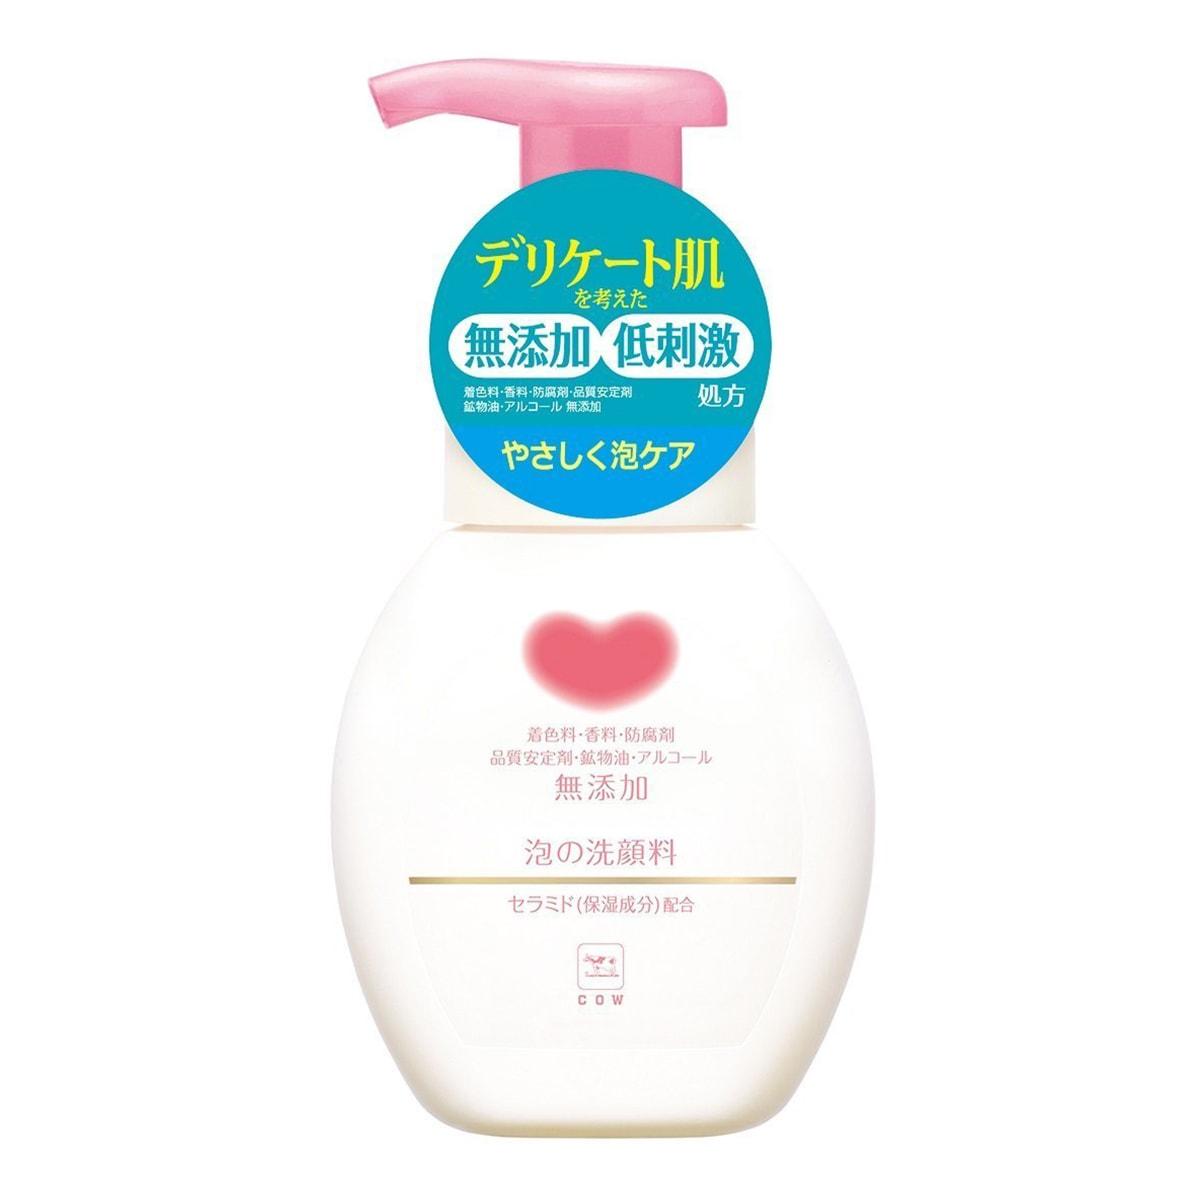 日本COW牛乳石鹼共进社 无添加 牛乳石碱泡沫洗面奶 200ml